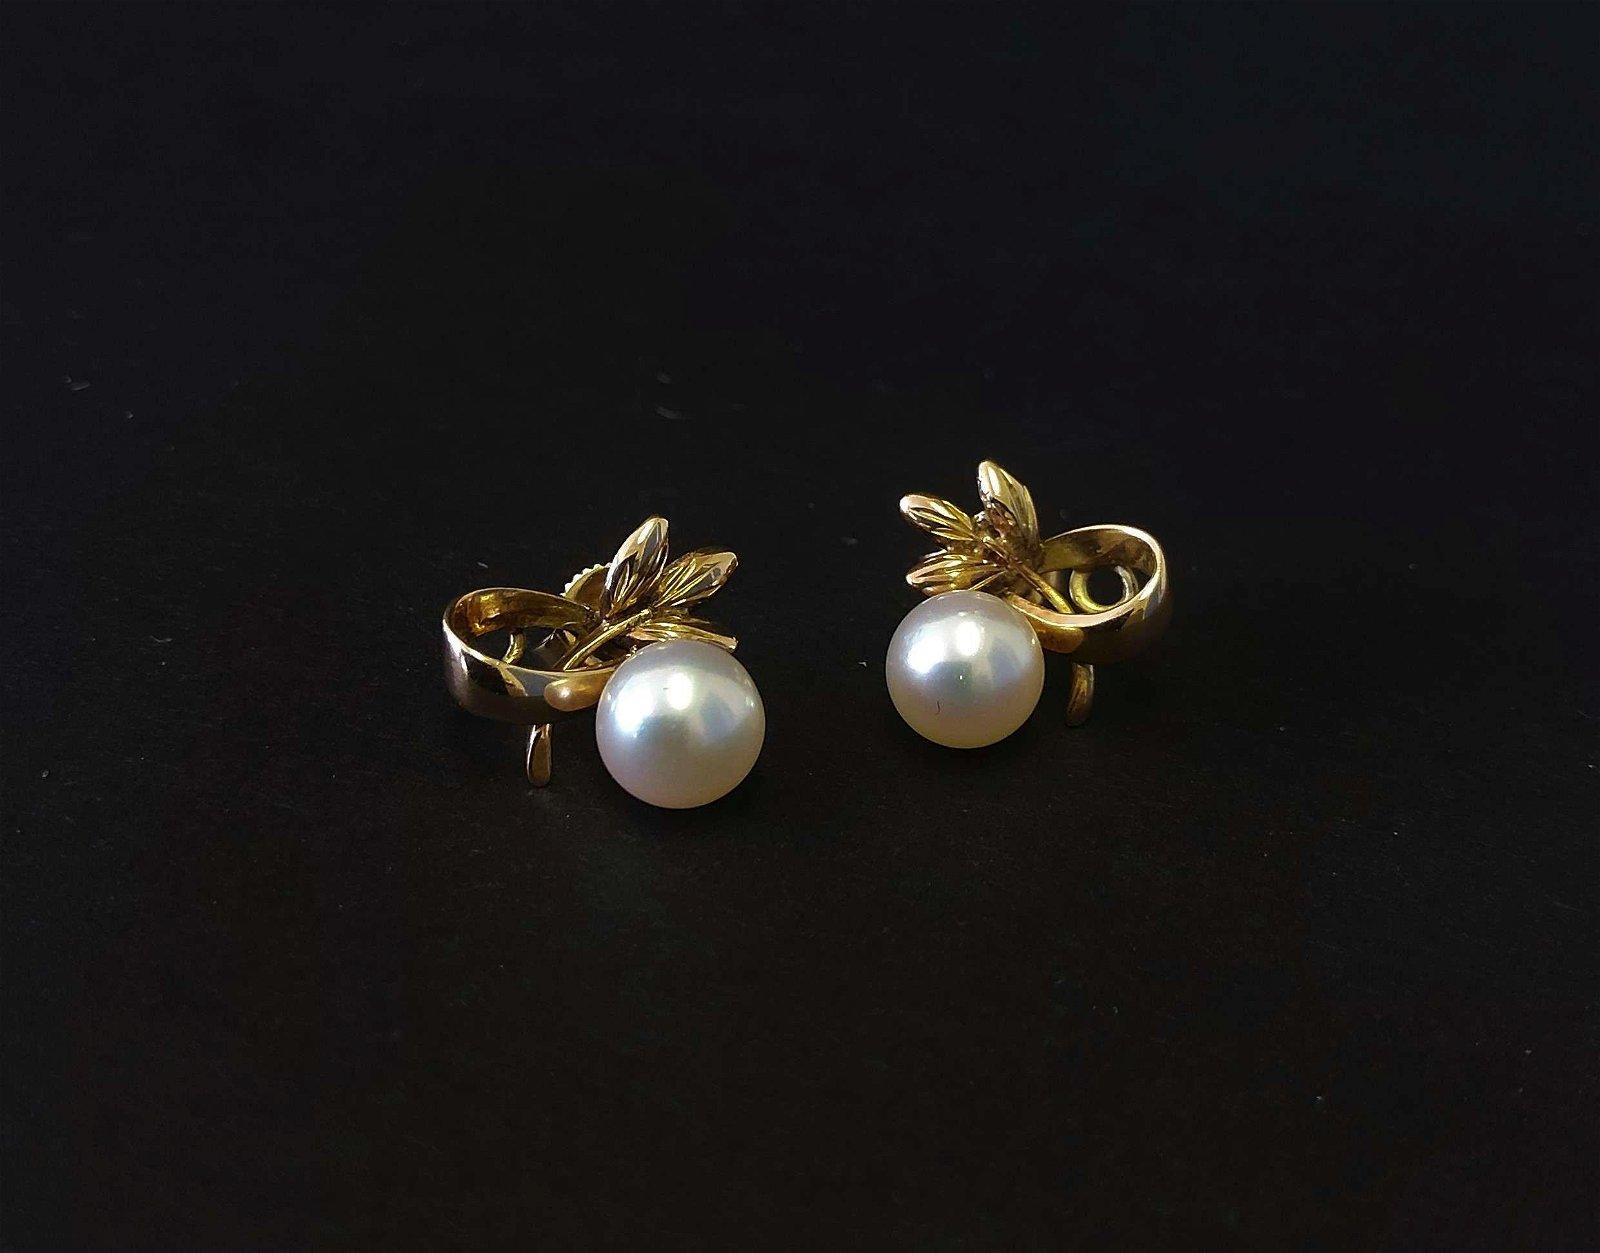 Pair of 14k Gold & Pearl Earrings